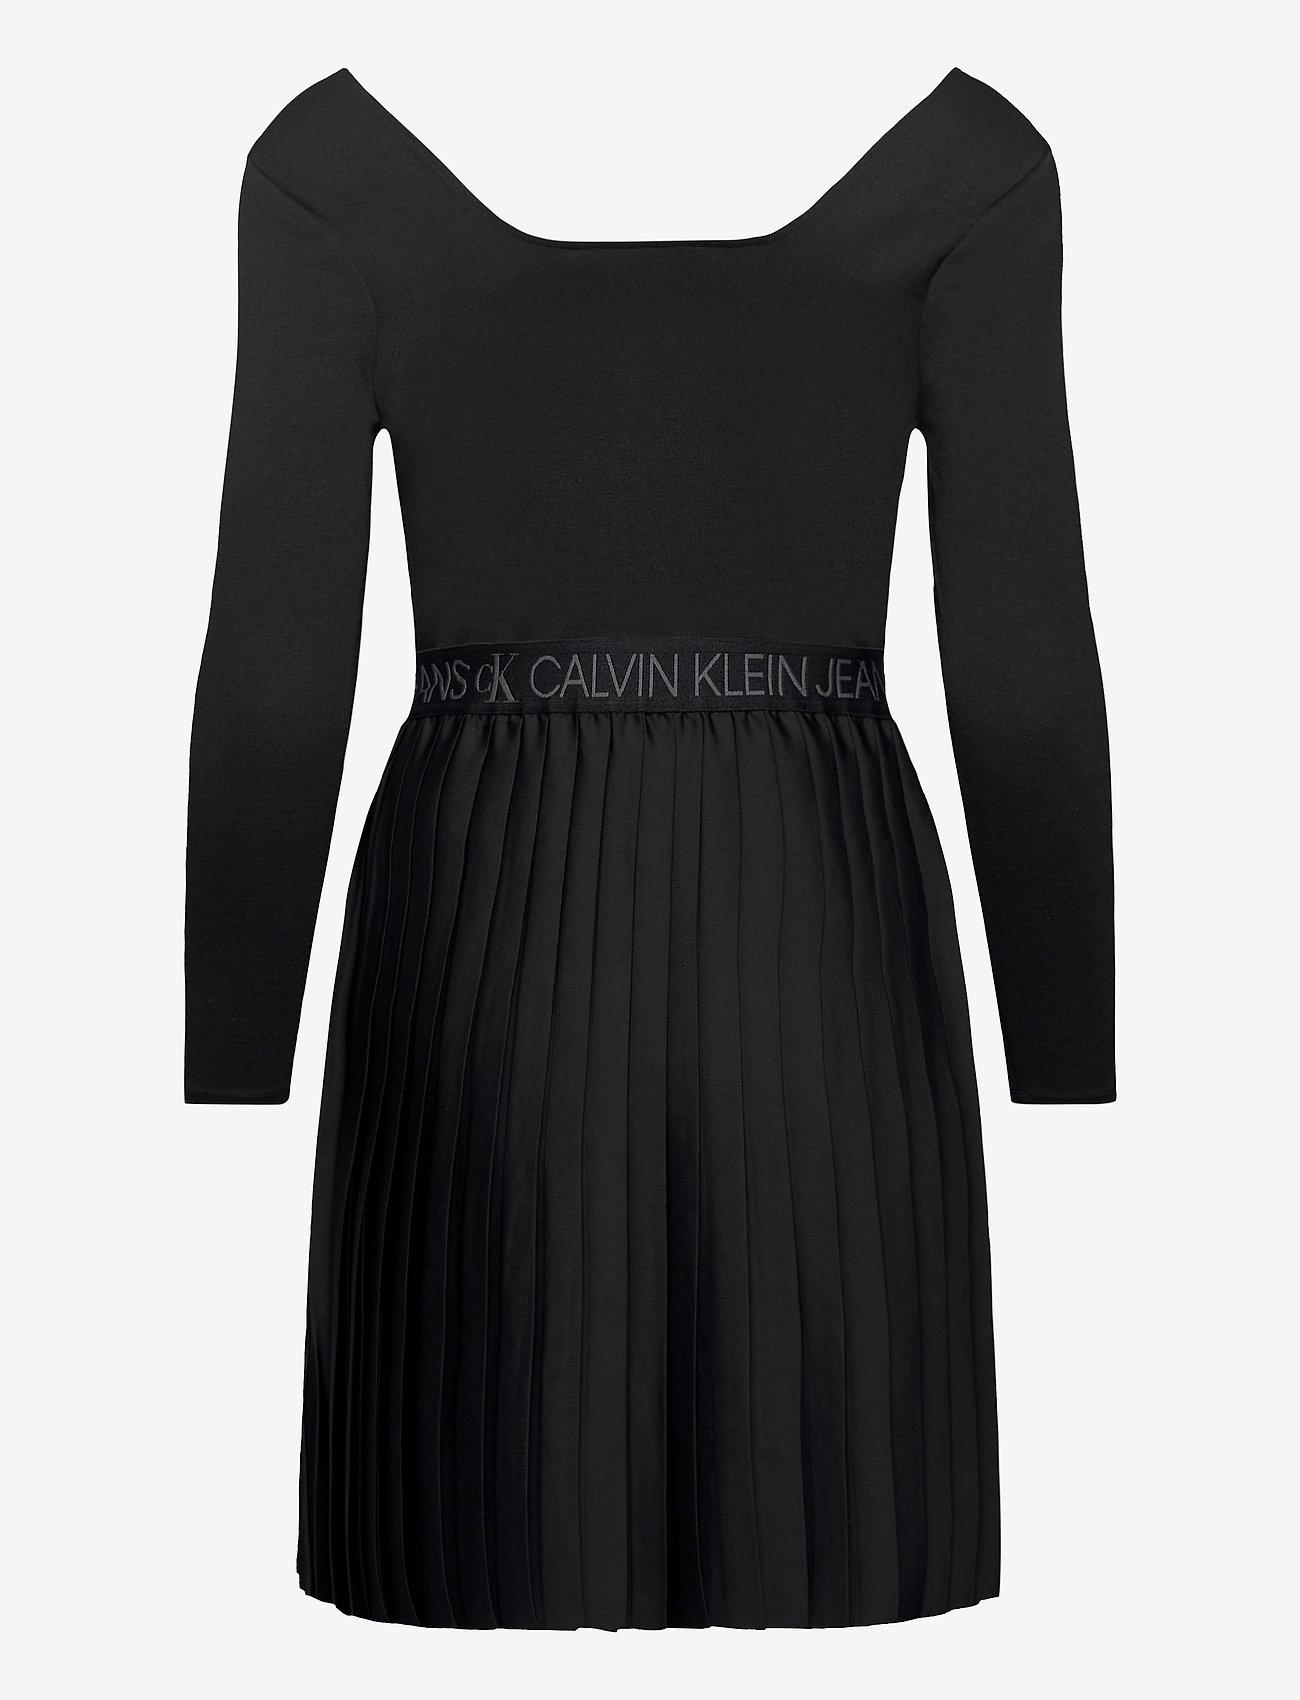 Calvin Klein Jeans - LOGO WAISTBAND PLEATED DRESS - hverdagskjoler - ck black - 1